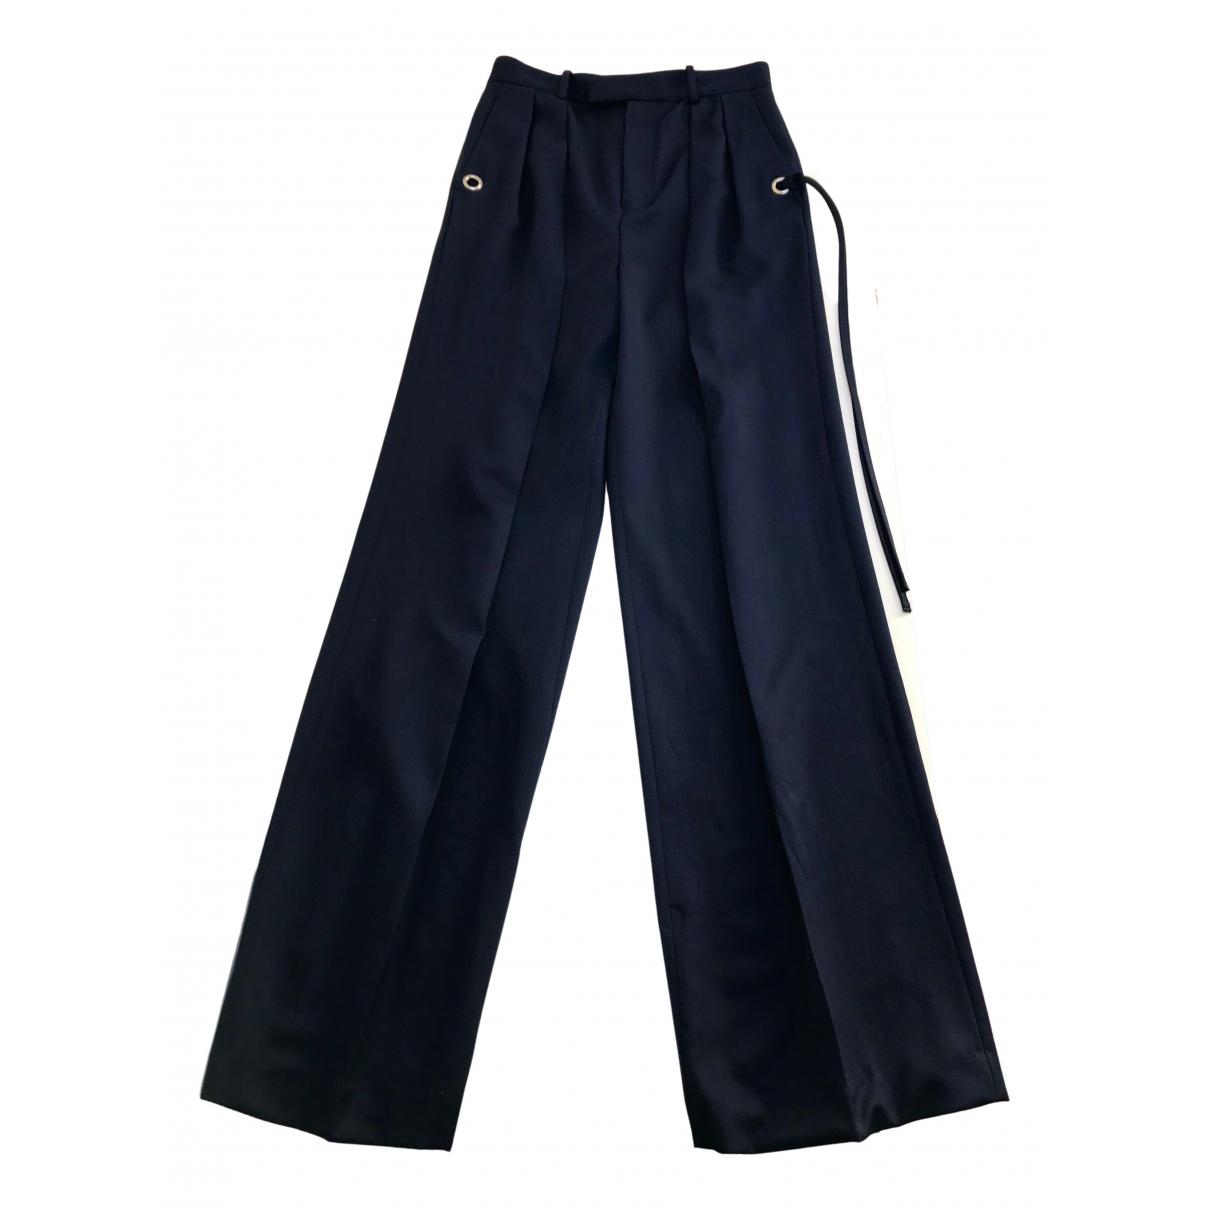 J.w. Anderson N Navy Wool Trousers for Women 8 UK